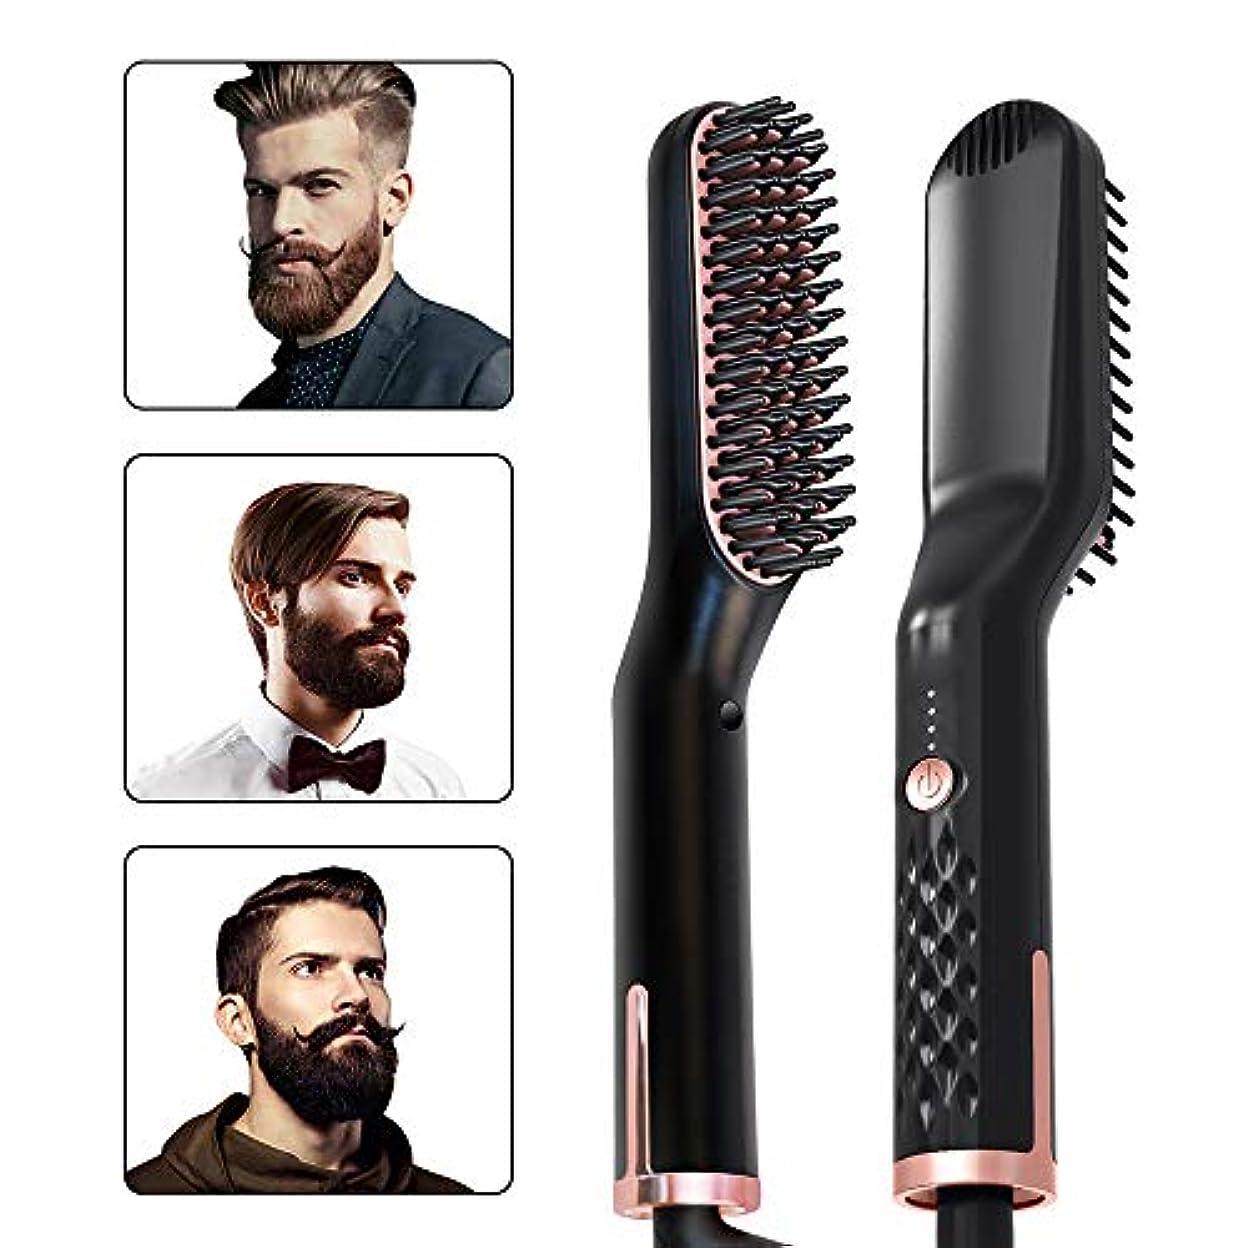 センサーエミュレーションしがみつくひげのくし豚毛ブラシひげの油口ひげクリームひげの水メンズスタイルストレートの髪のくし